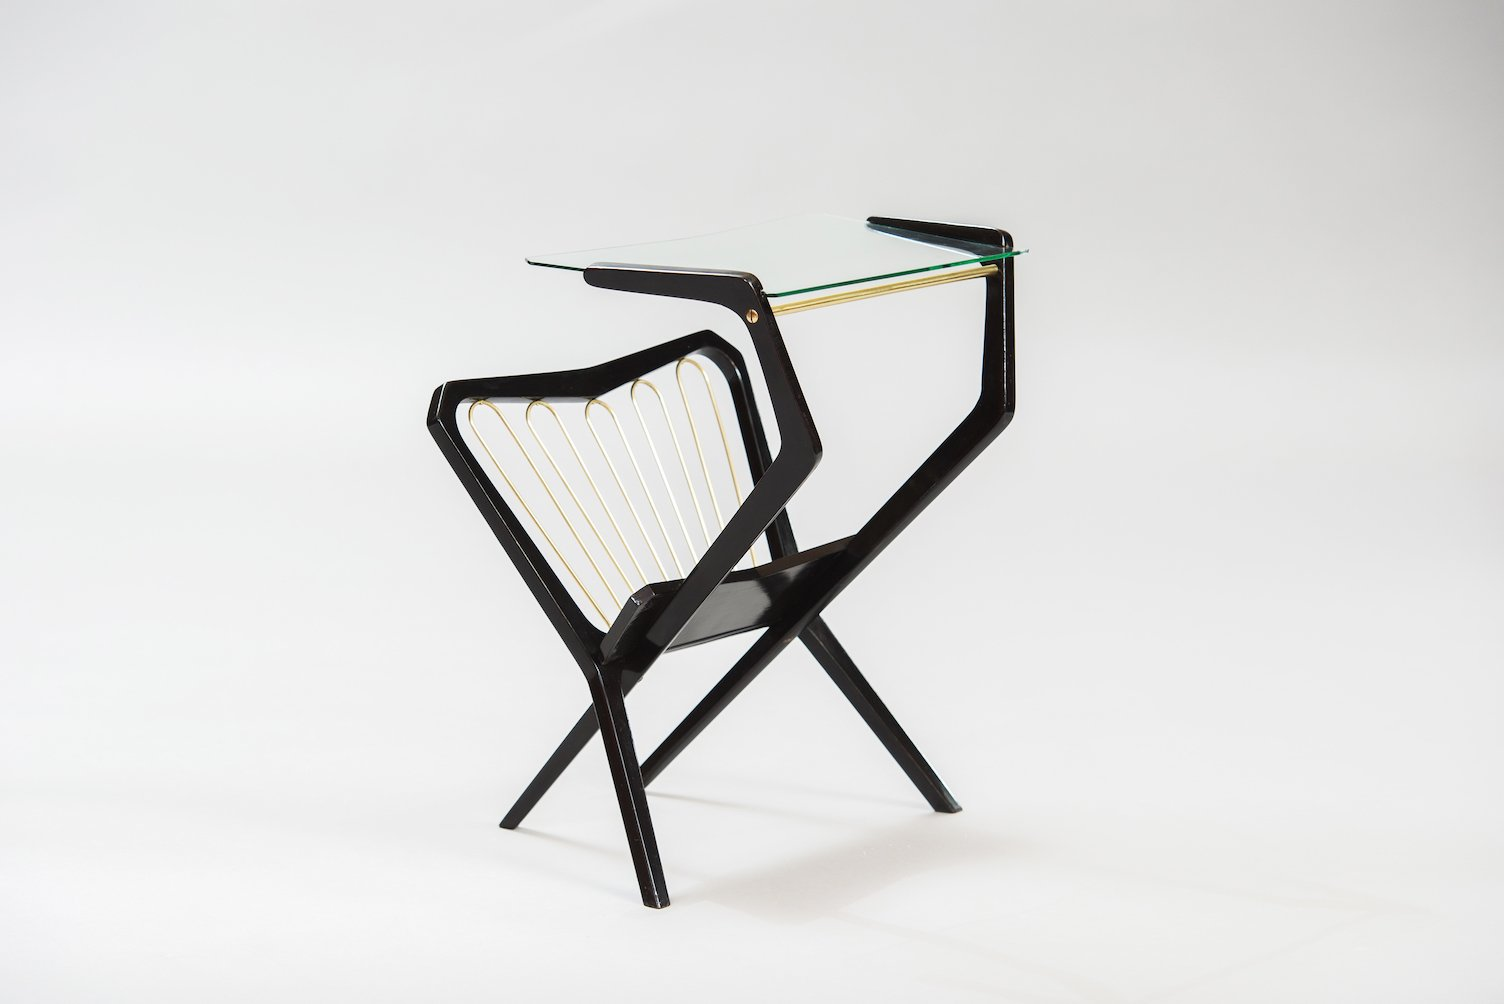 italienischer vintage beistelltisch mit zeitungsst nder. Black Bedroom Furniture Sets. Home Design Ideas